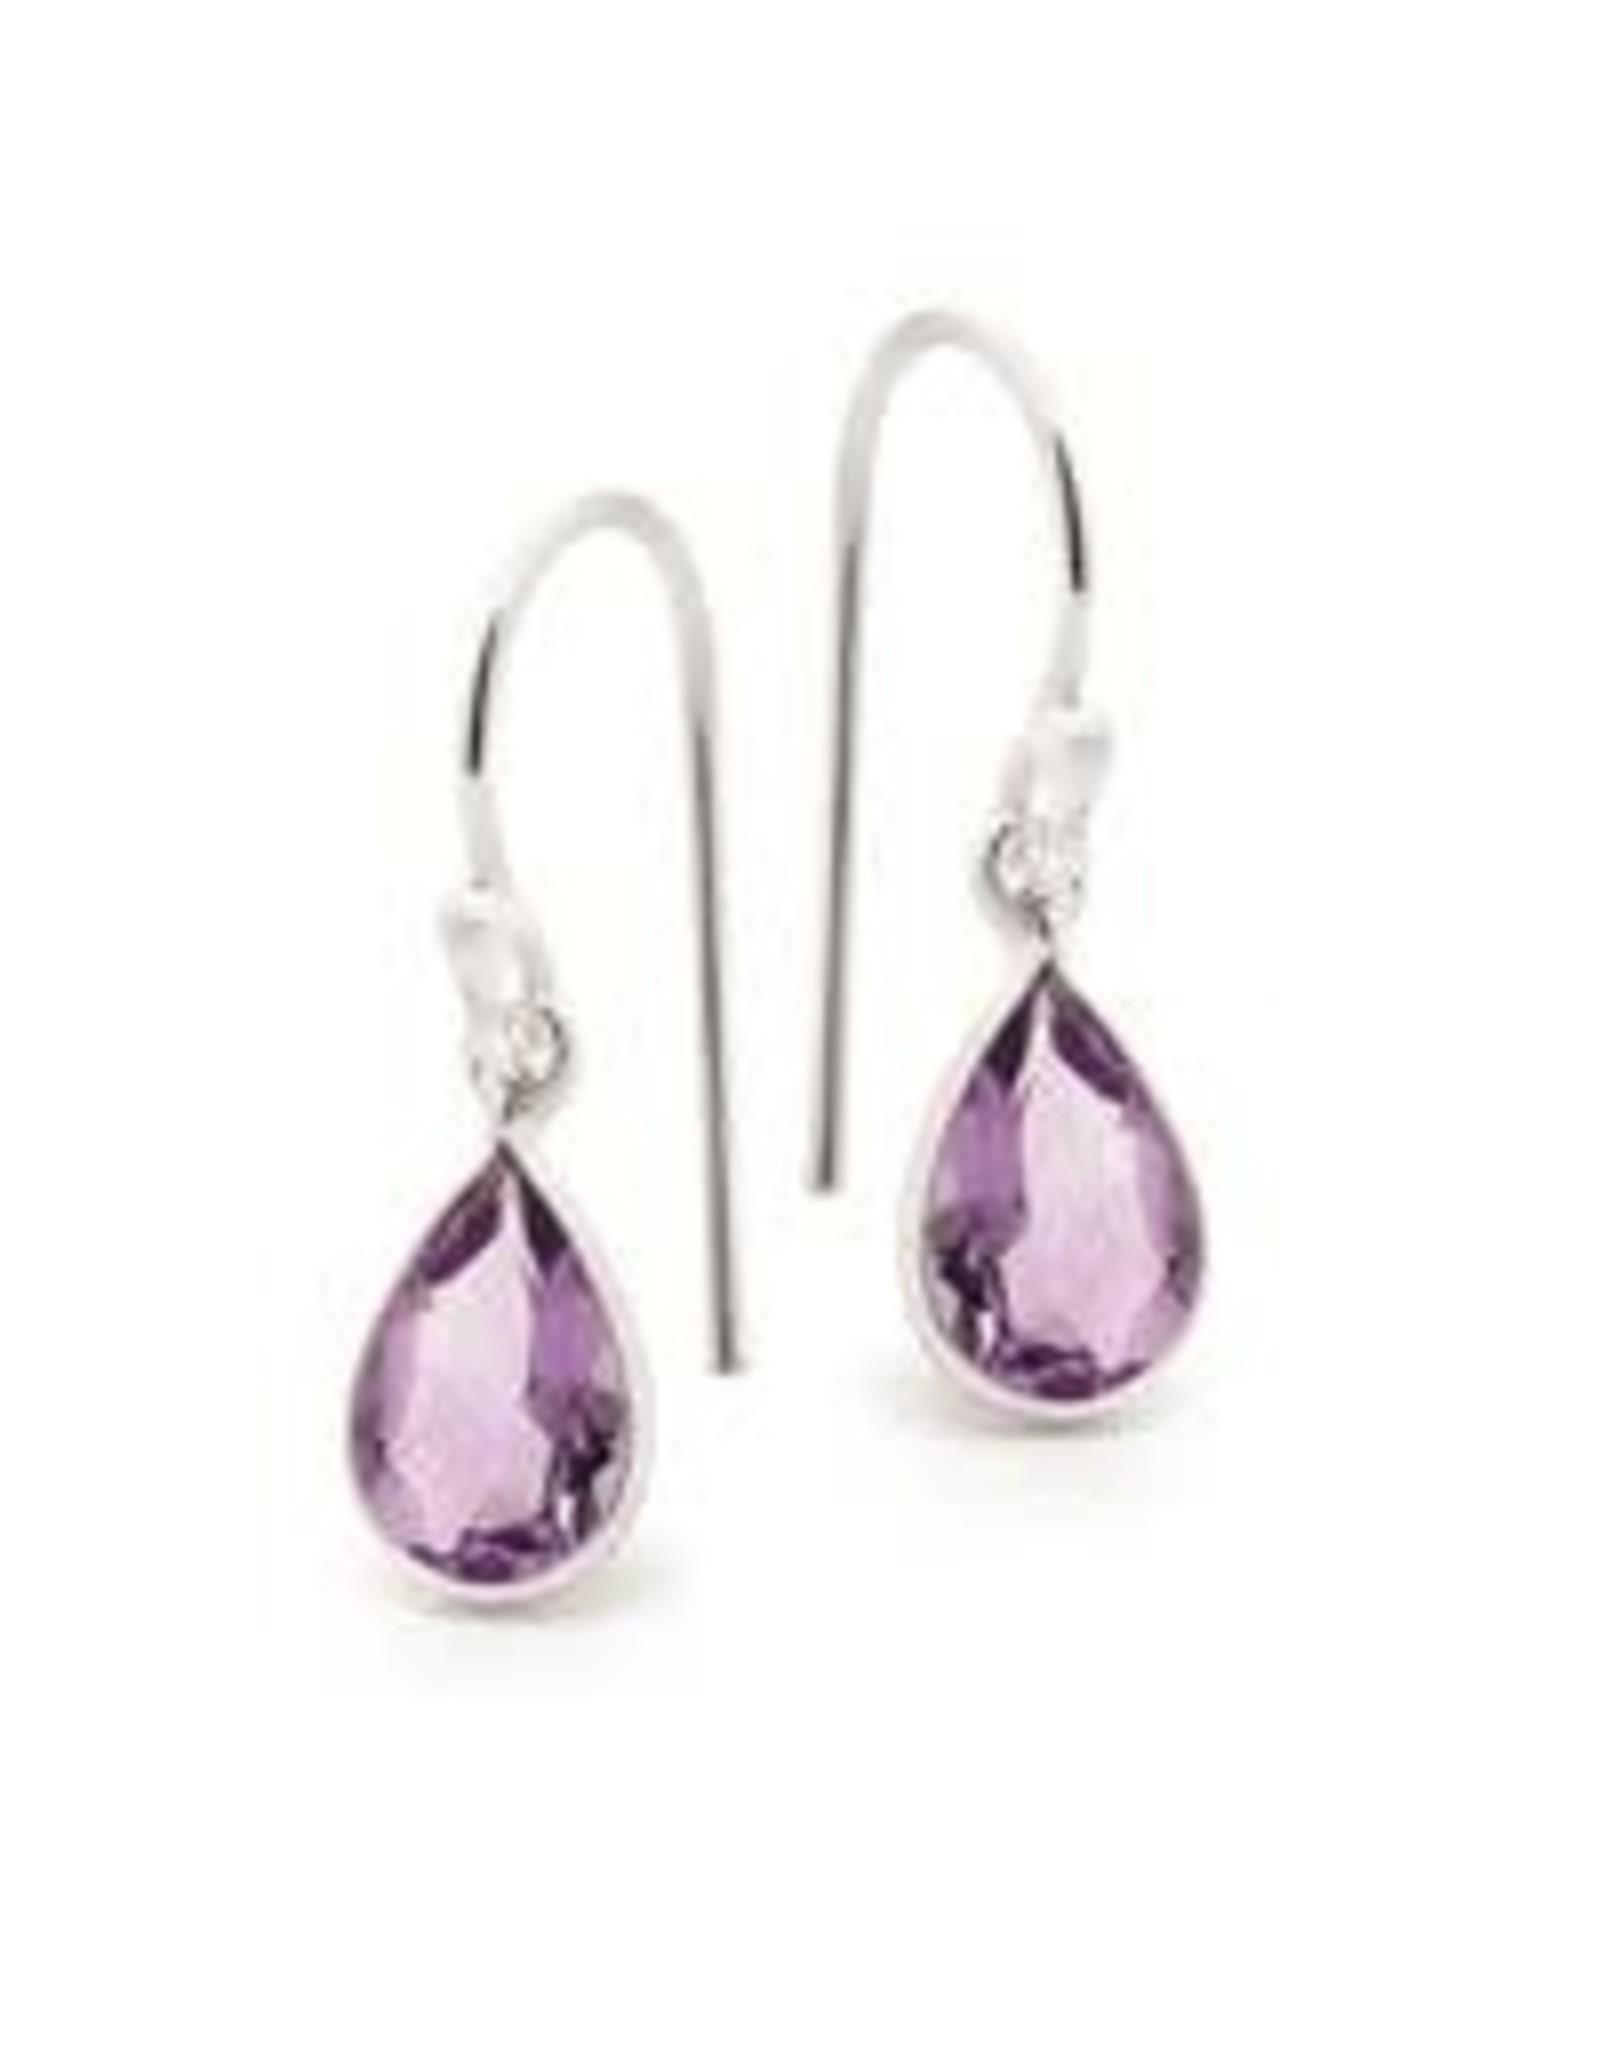 Stones & Silver Amethyst Stone Earrings 7x9mm 2.5cm Drop